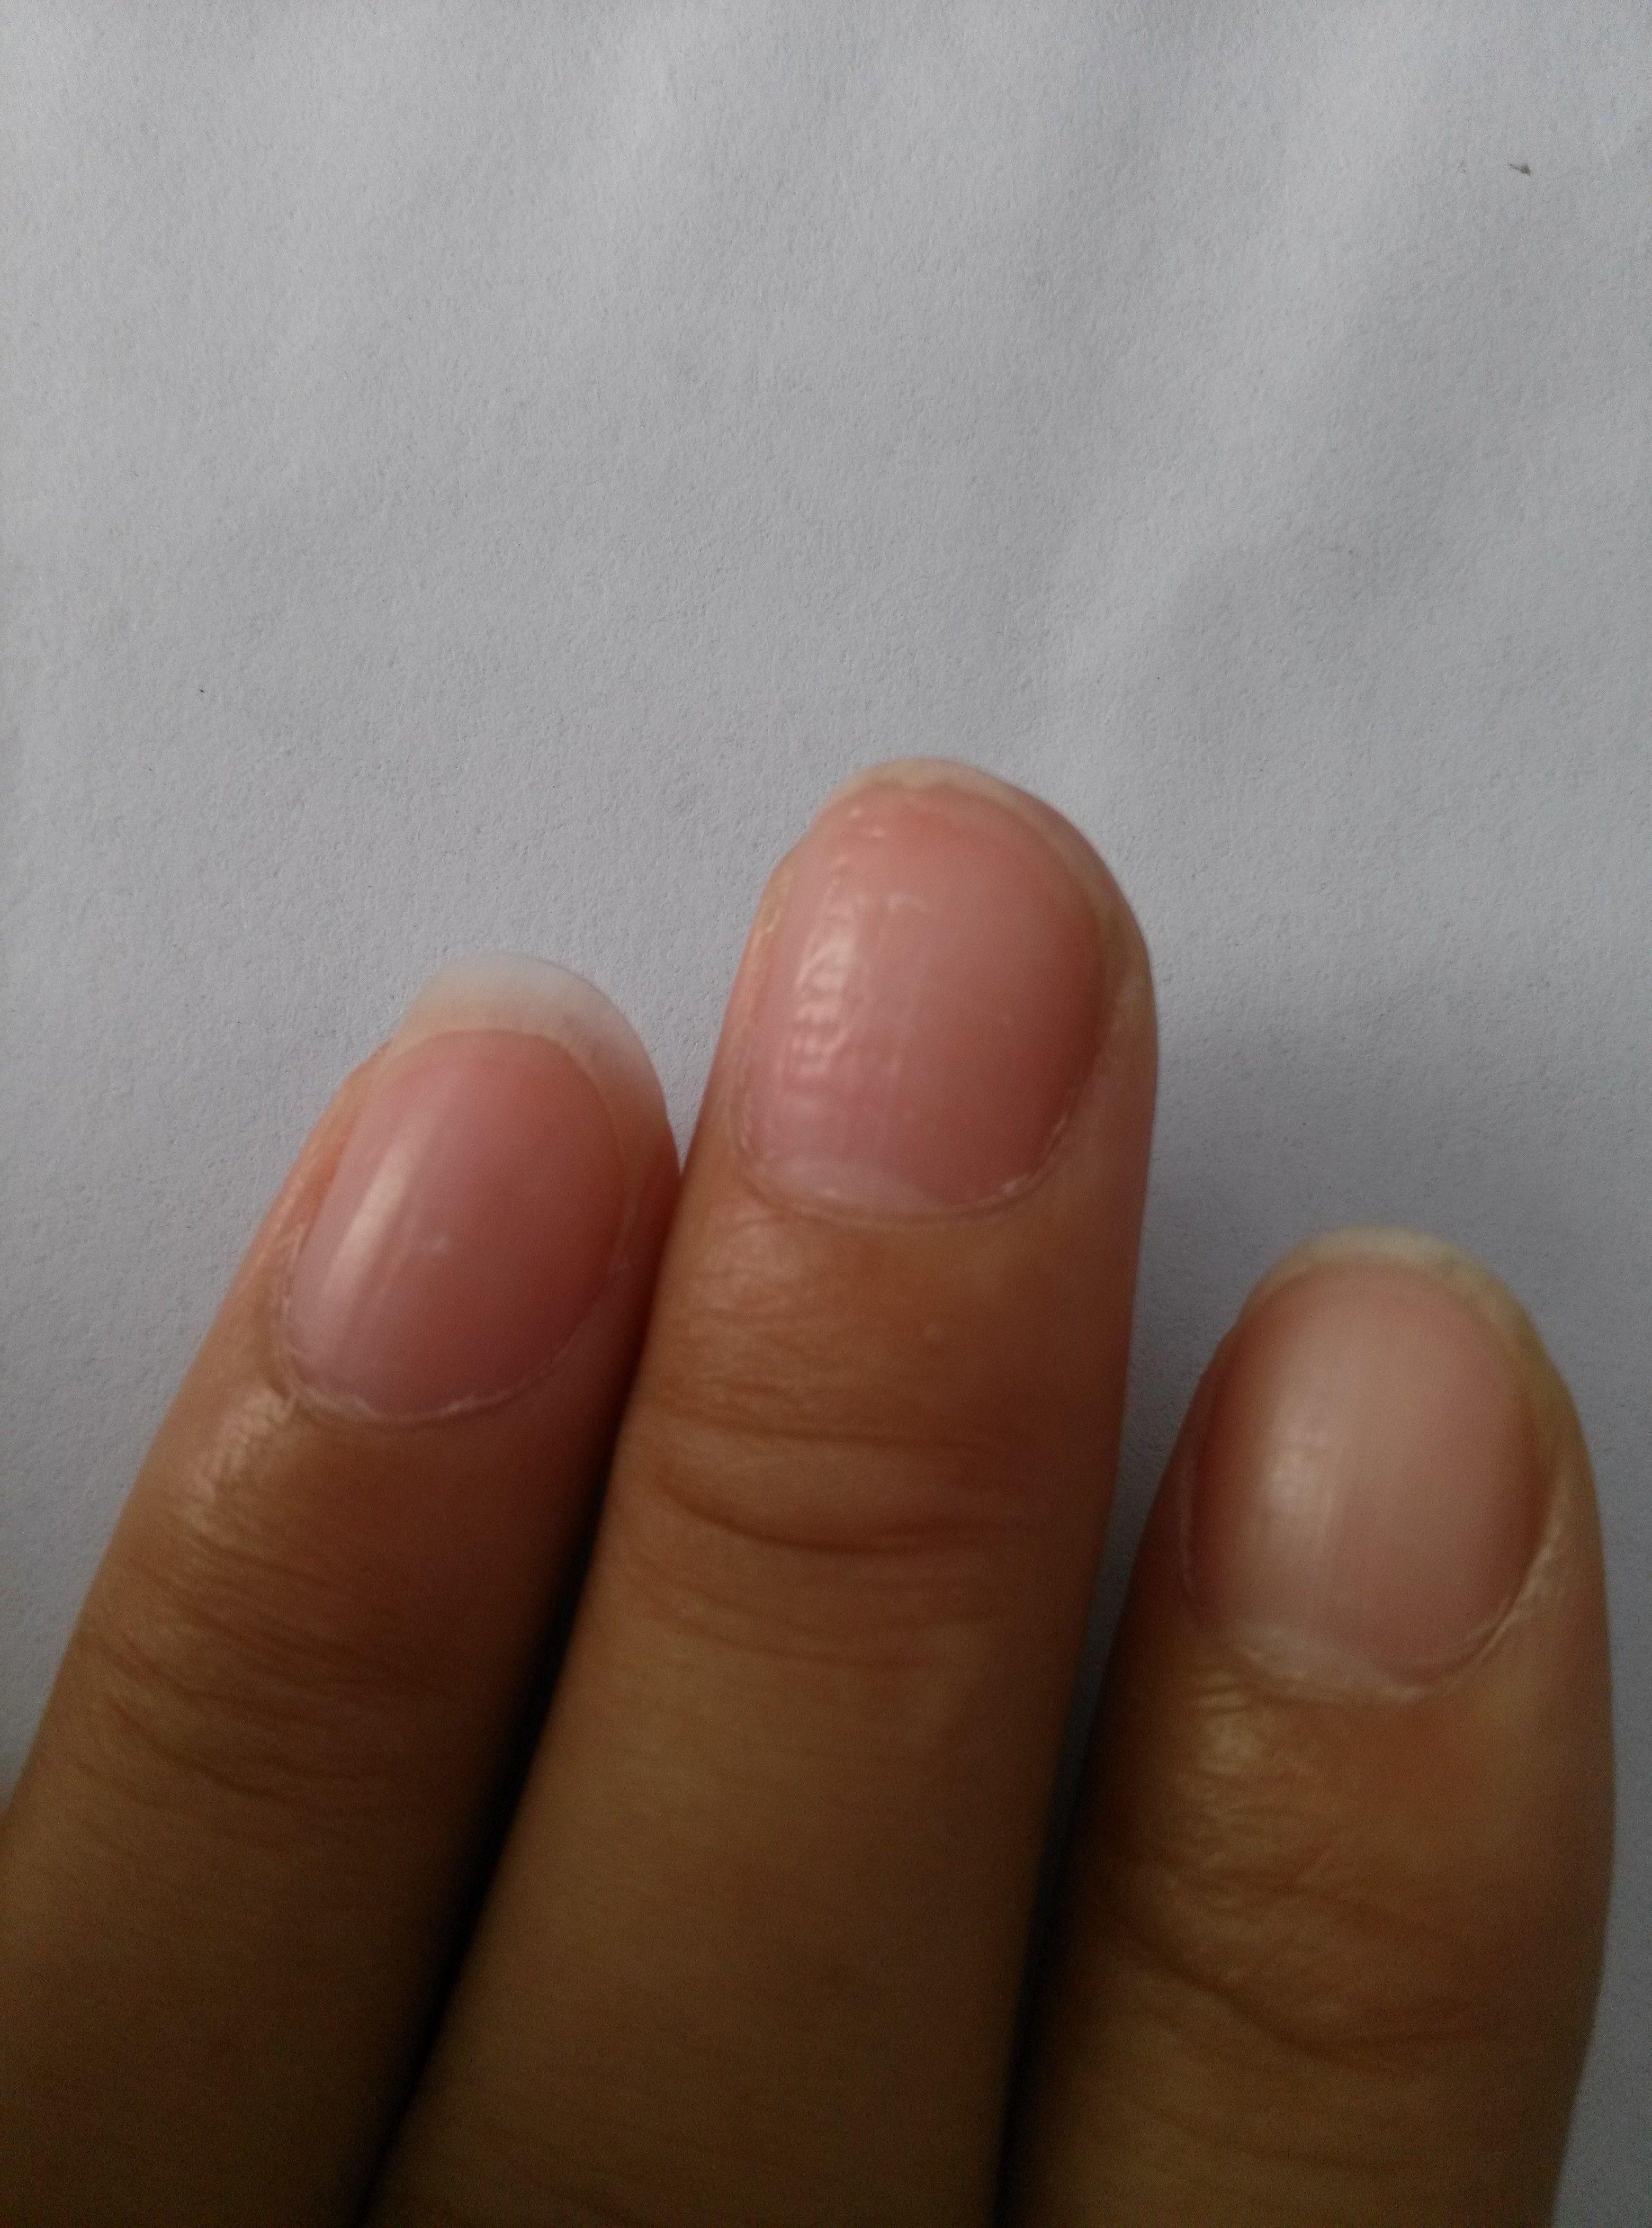 為什么我的手指甲上面不平滑?圖片